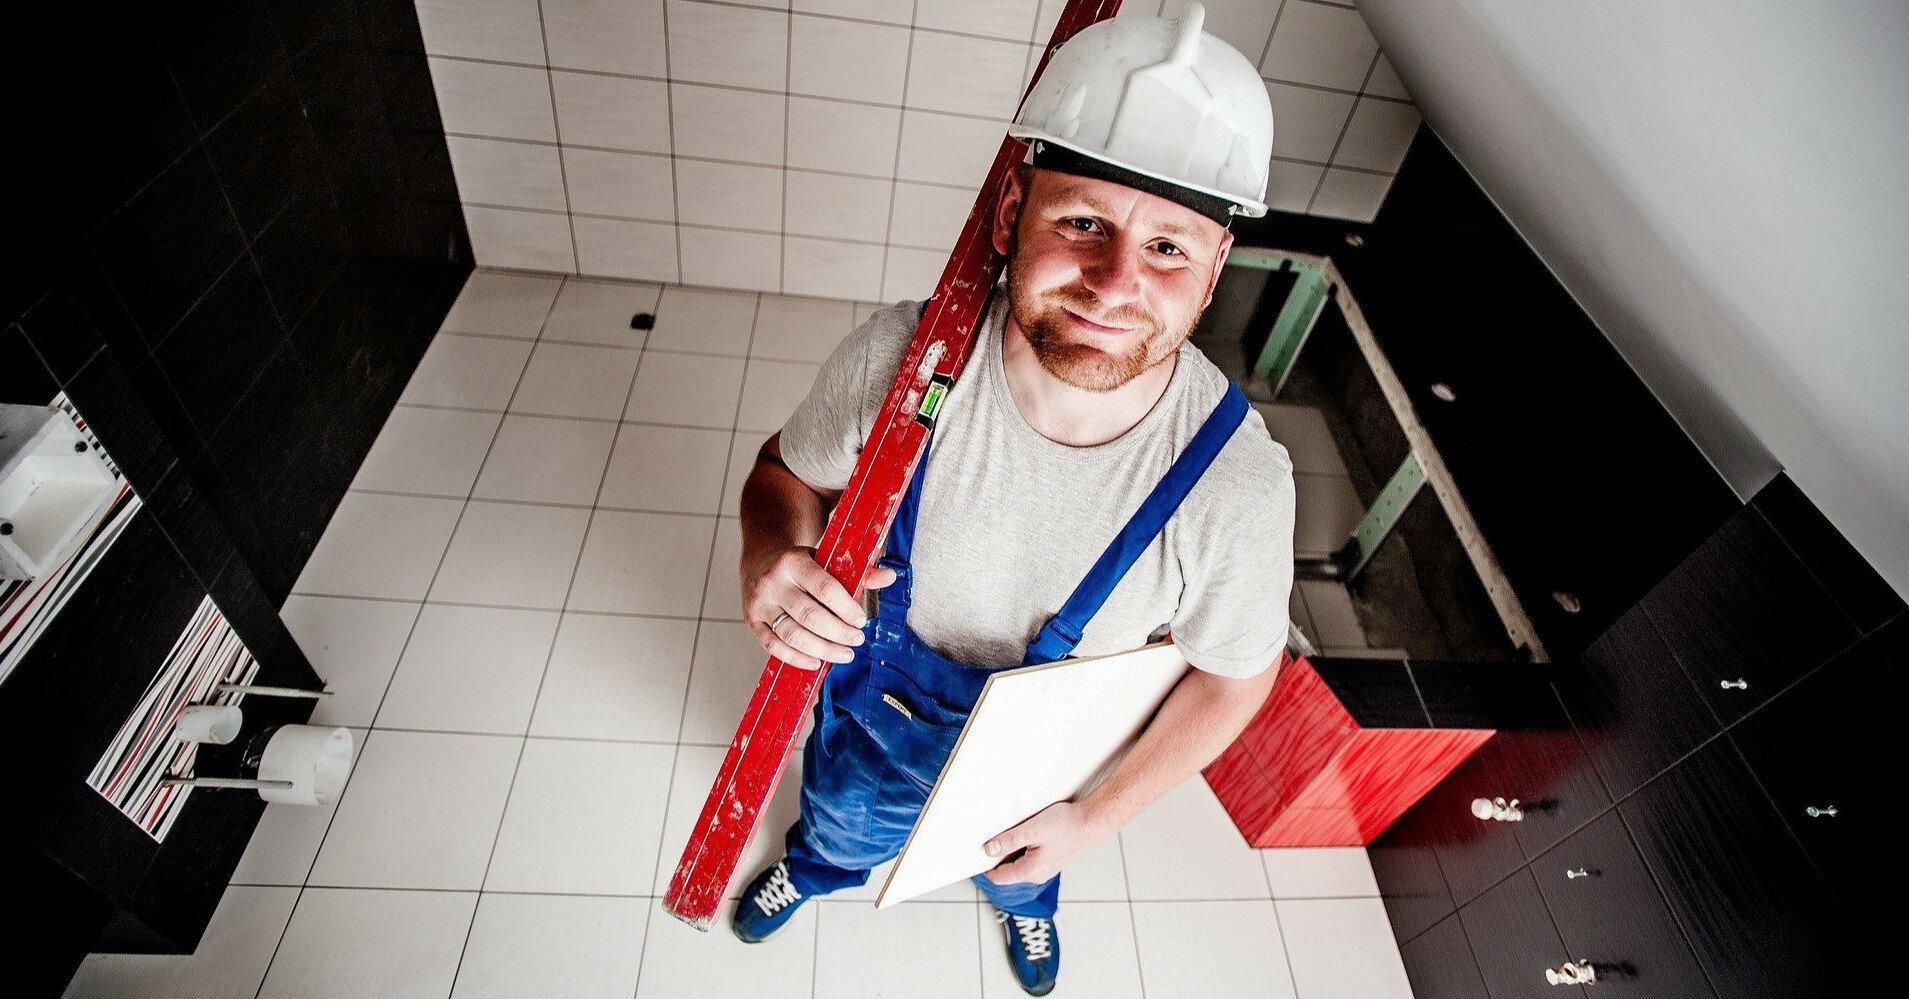 Резко вырос спрос на ремонтников: расценки растут